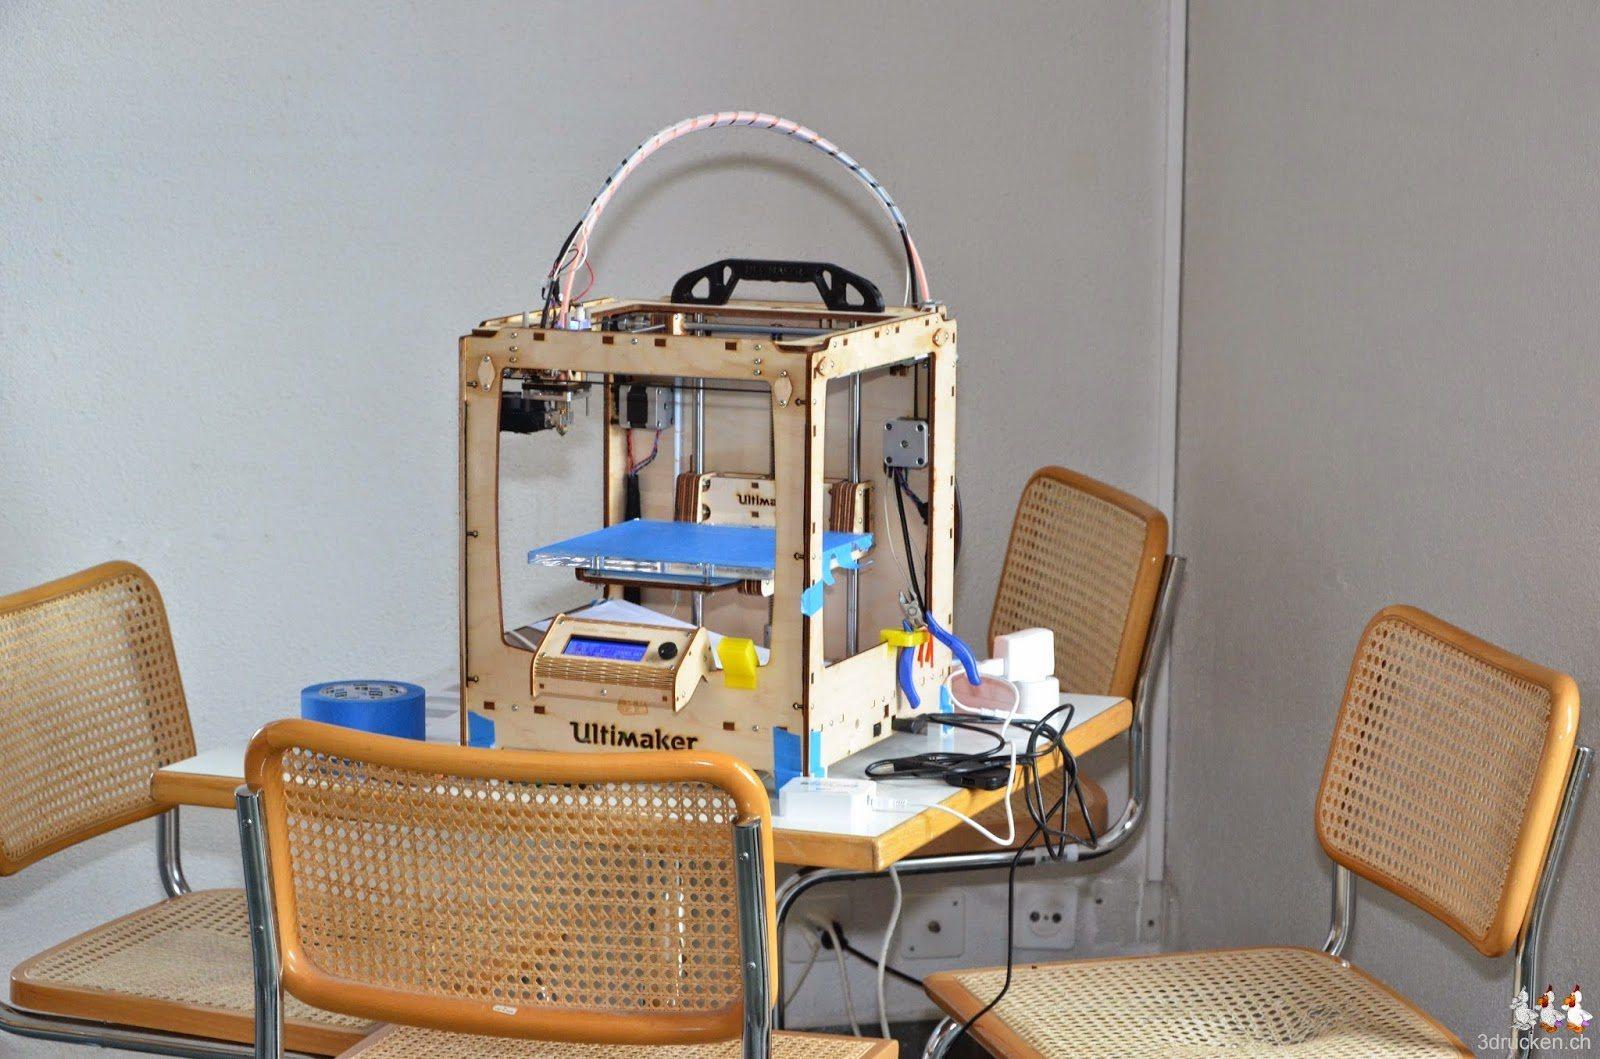 Foto eines Ultimaker Original 3D-Druckers, den wir aus Platzgründen in der Cafeteria aufgestellt haben